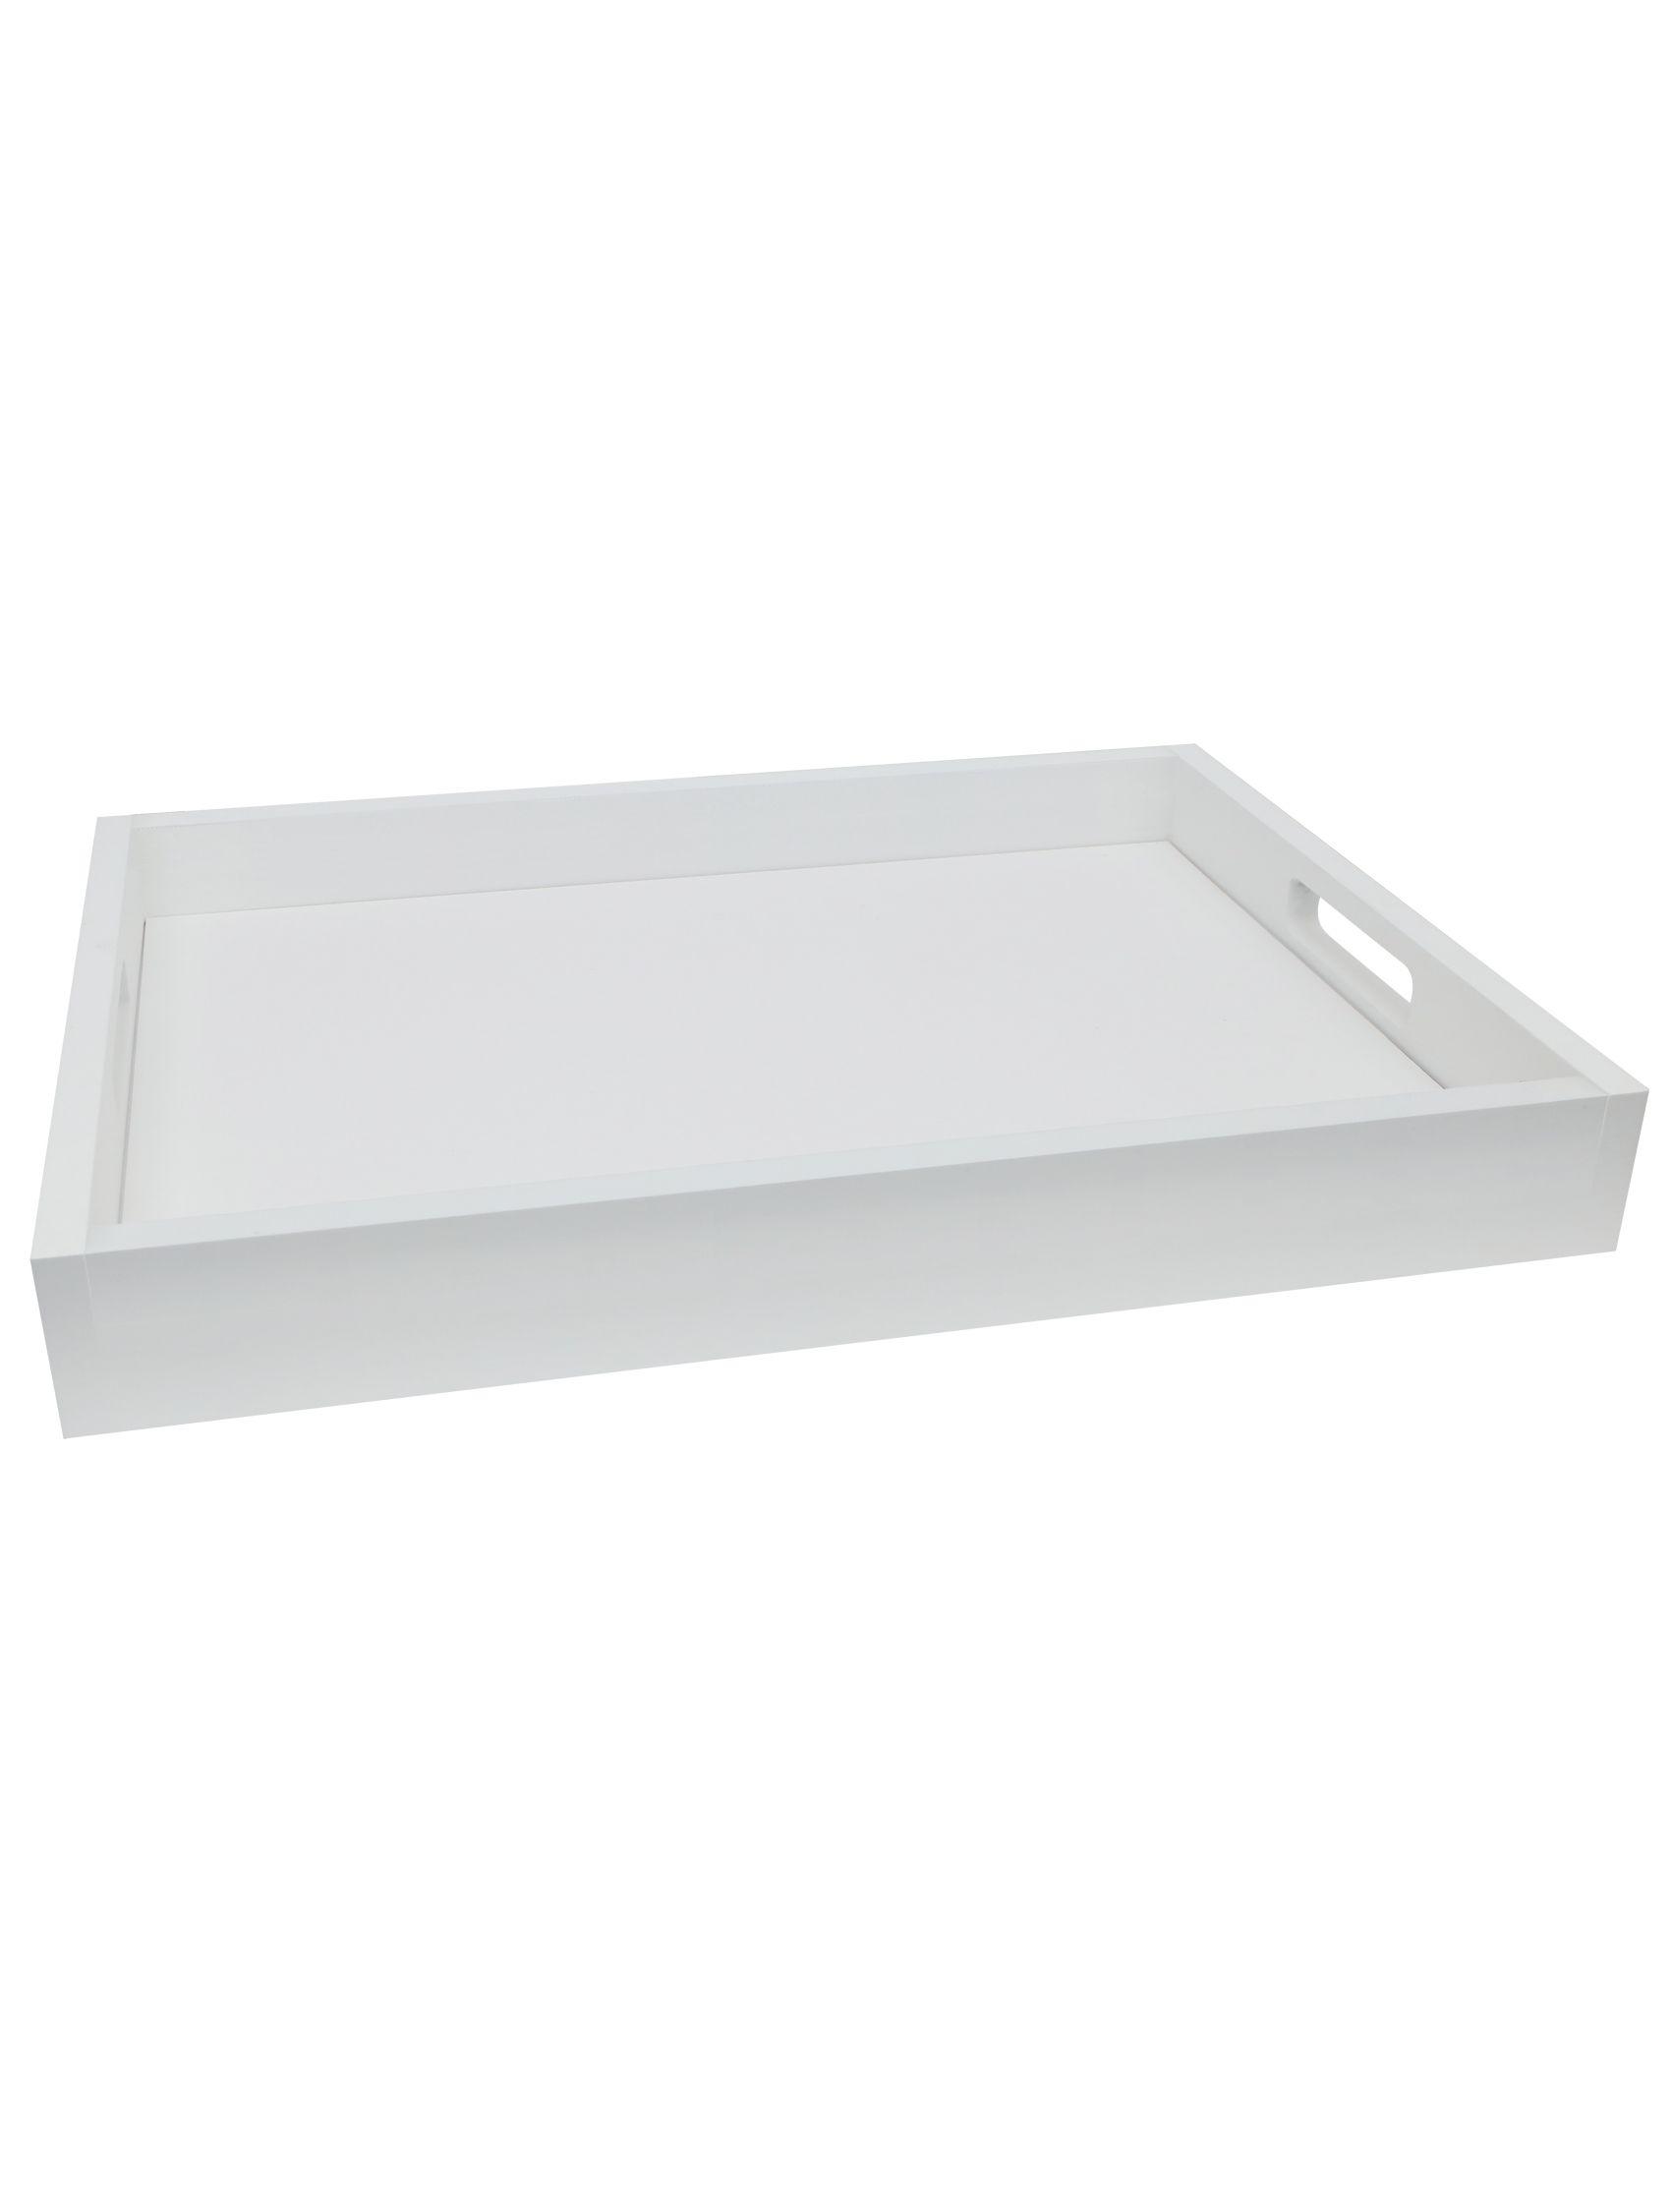 dienblad wit hout S65DE1 E